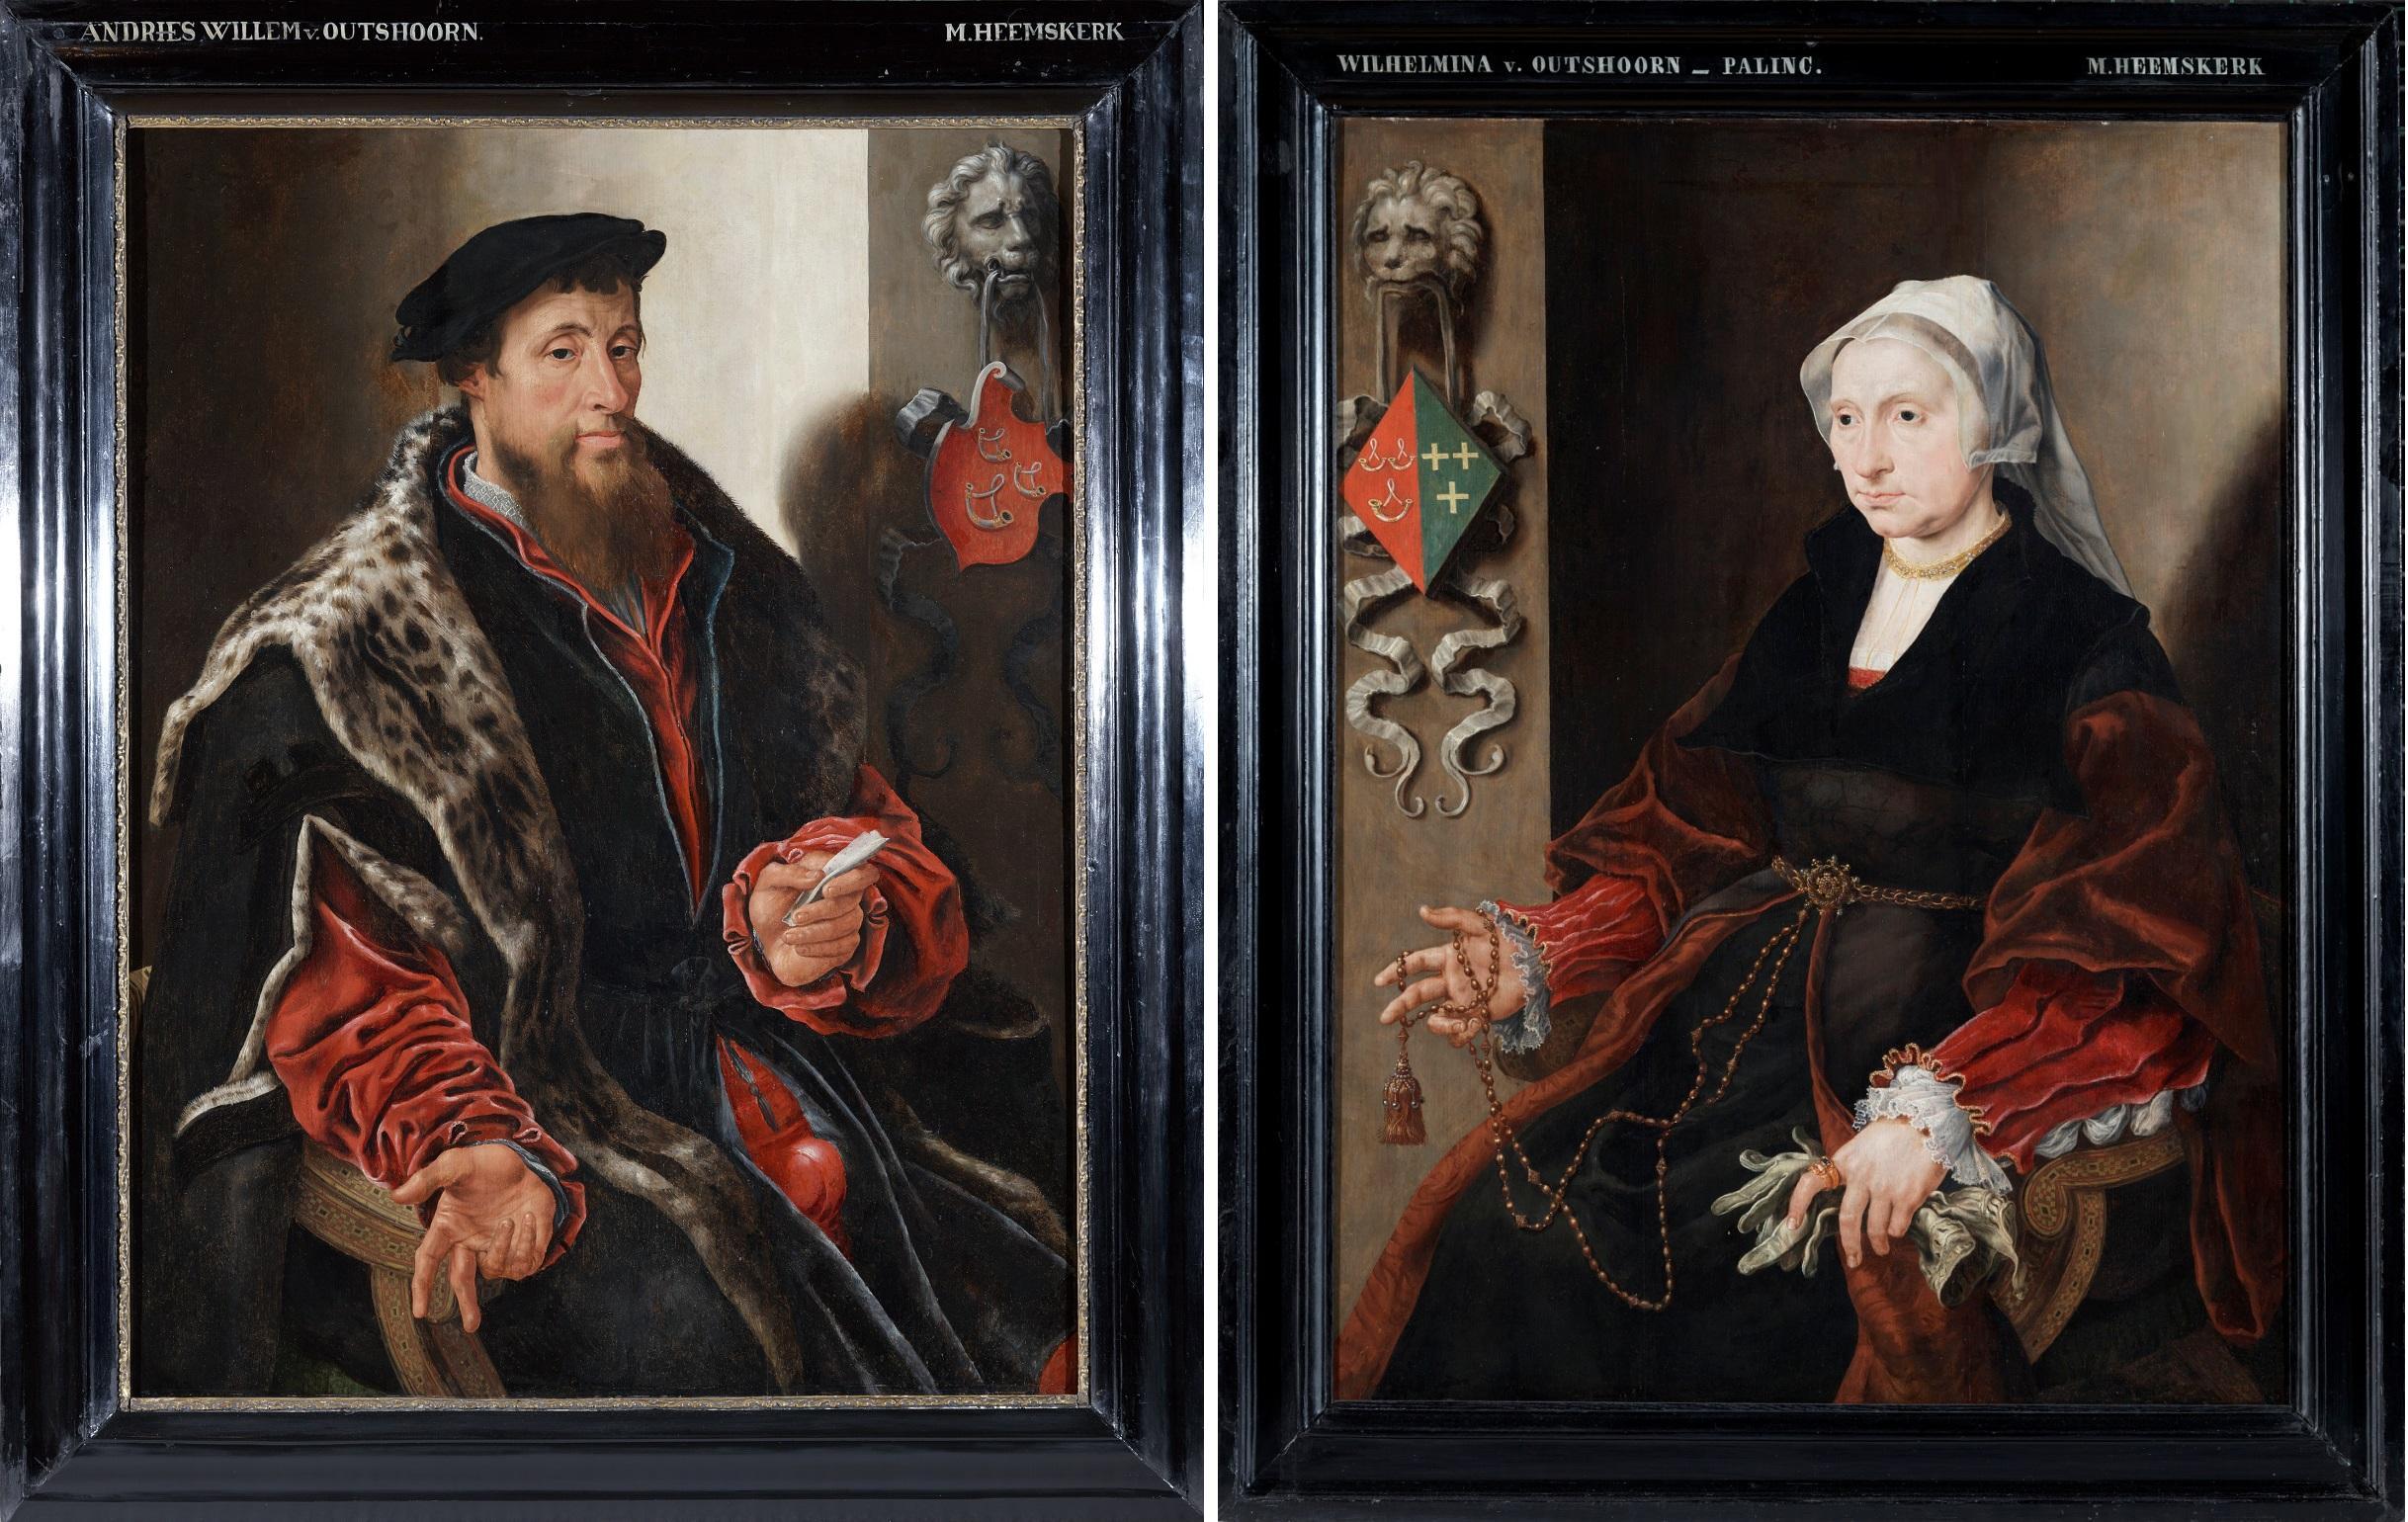 Fig. 2. Maarten van Heemskerck (1498-1574), Portraits of Andries van Oudshoorn van Sonnevelt (c. 1490-1555) and Wilhelmina Paling (c. 1499-1567), c. 1540On loan from the Stichting Provenhuis Paling en Van Foreest, restored with support from the Stichting Provenhuis Paling en Van Foreest (husband) and Stichting Victor Heiloo (wife)